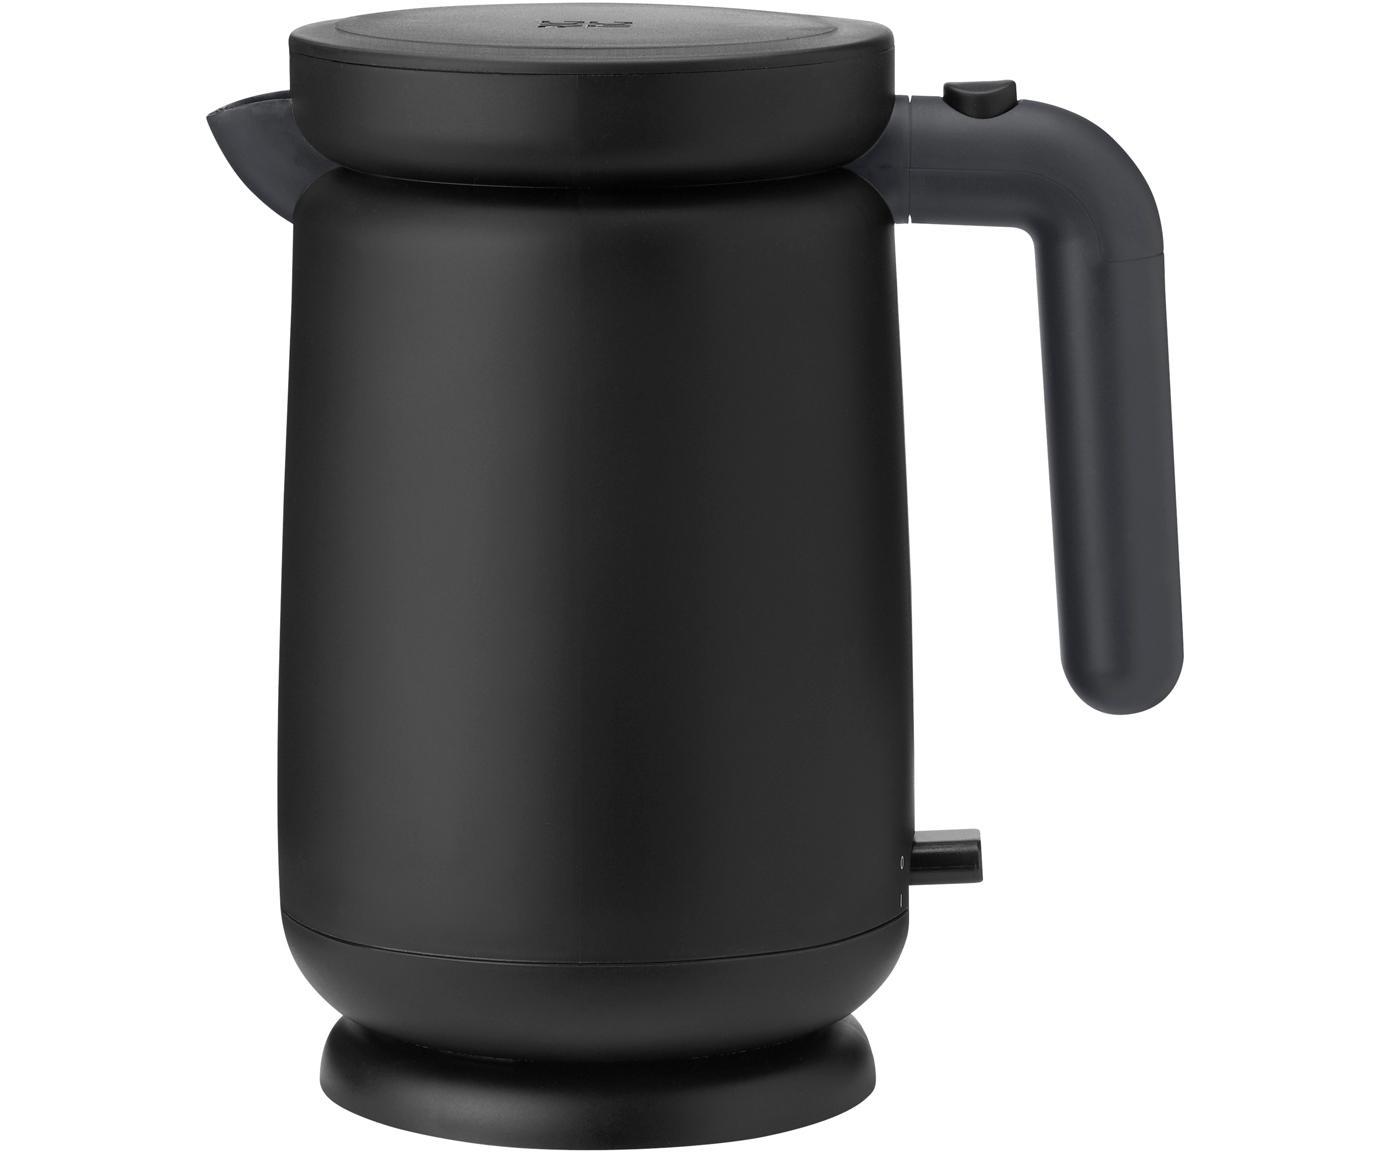 Wasserkocher Foodie, Kunststoff, Edelstahl, Schwarz, 1 L